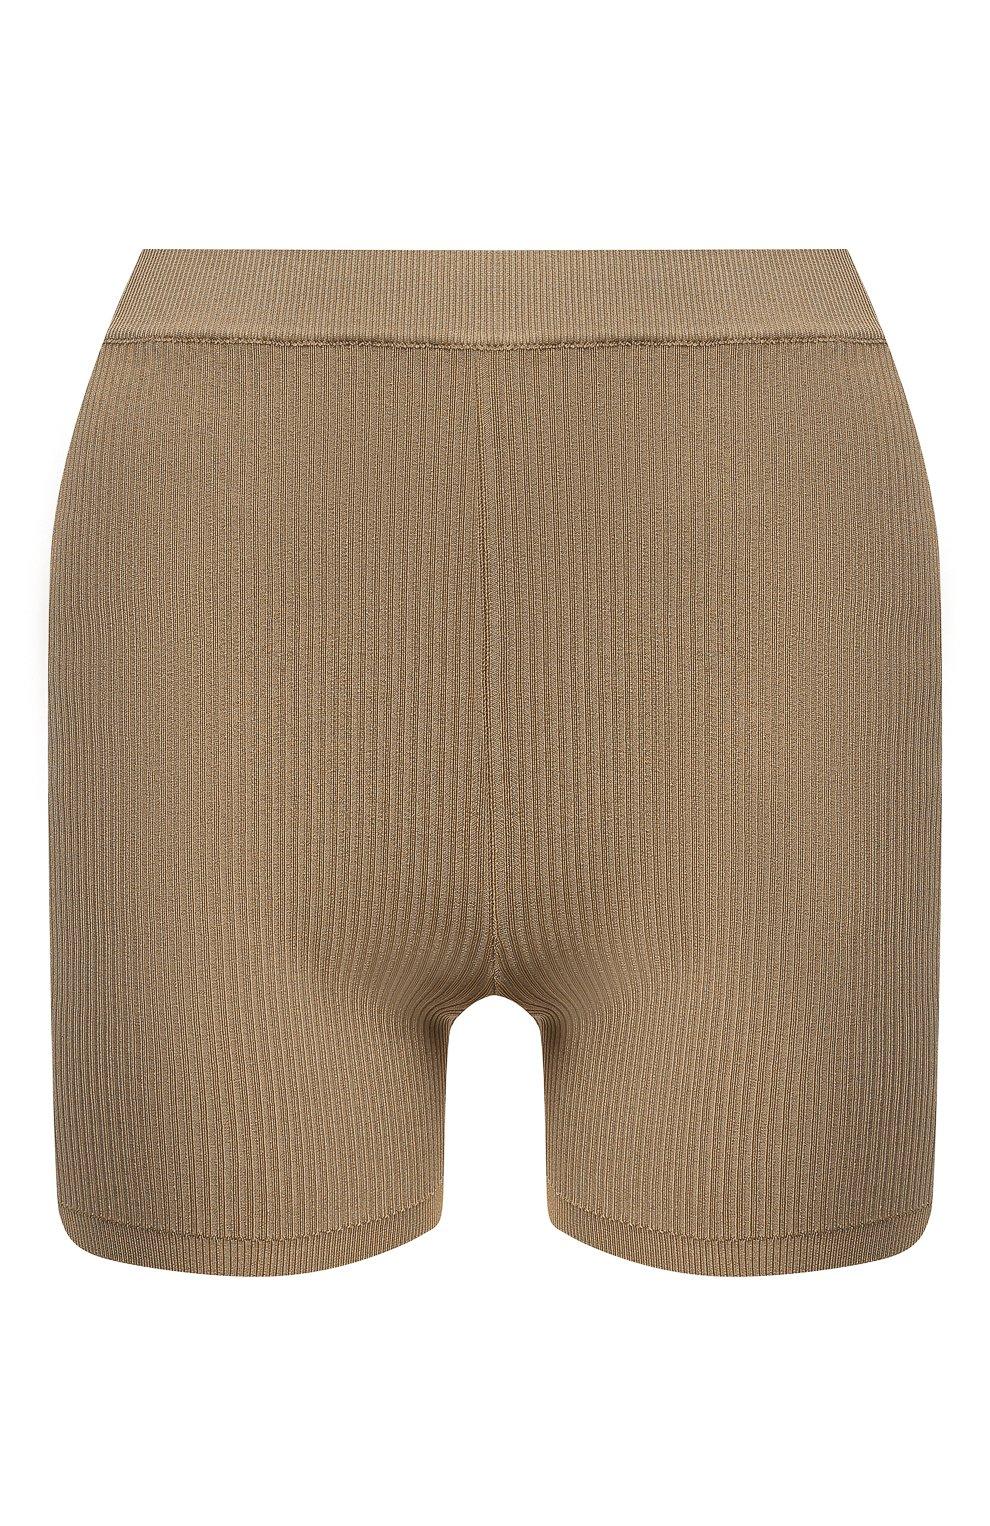 Женские шорты из вискозы SAINT LAURENT бежевого цвета, арт. 660275/Y75BE   Фото 1 (Женское Кросс-КТ: Шорты-одежда; Стили: Гламурный; Длина Ж (юбки, платья, шорты): Мини; Материал внешний: Вискоза)